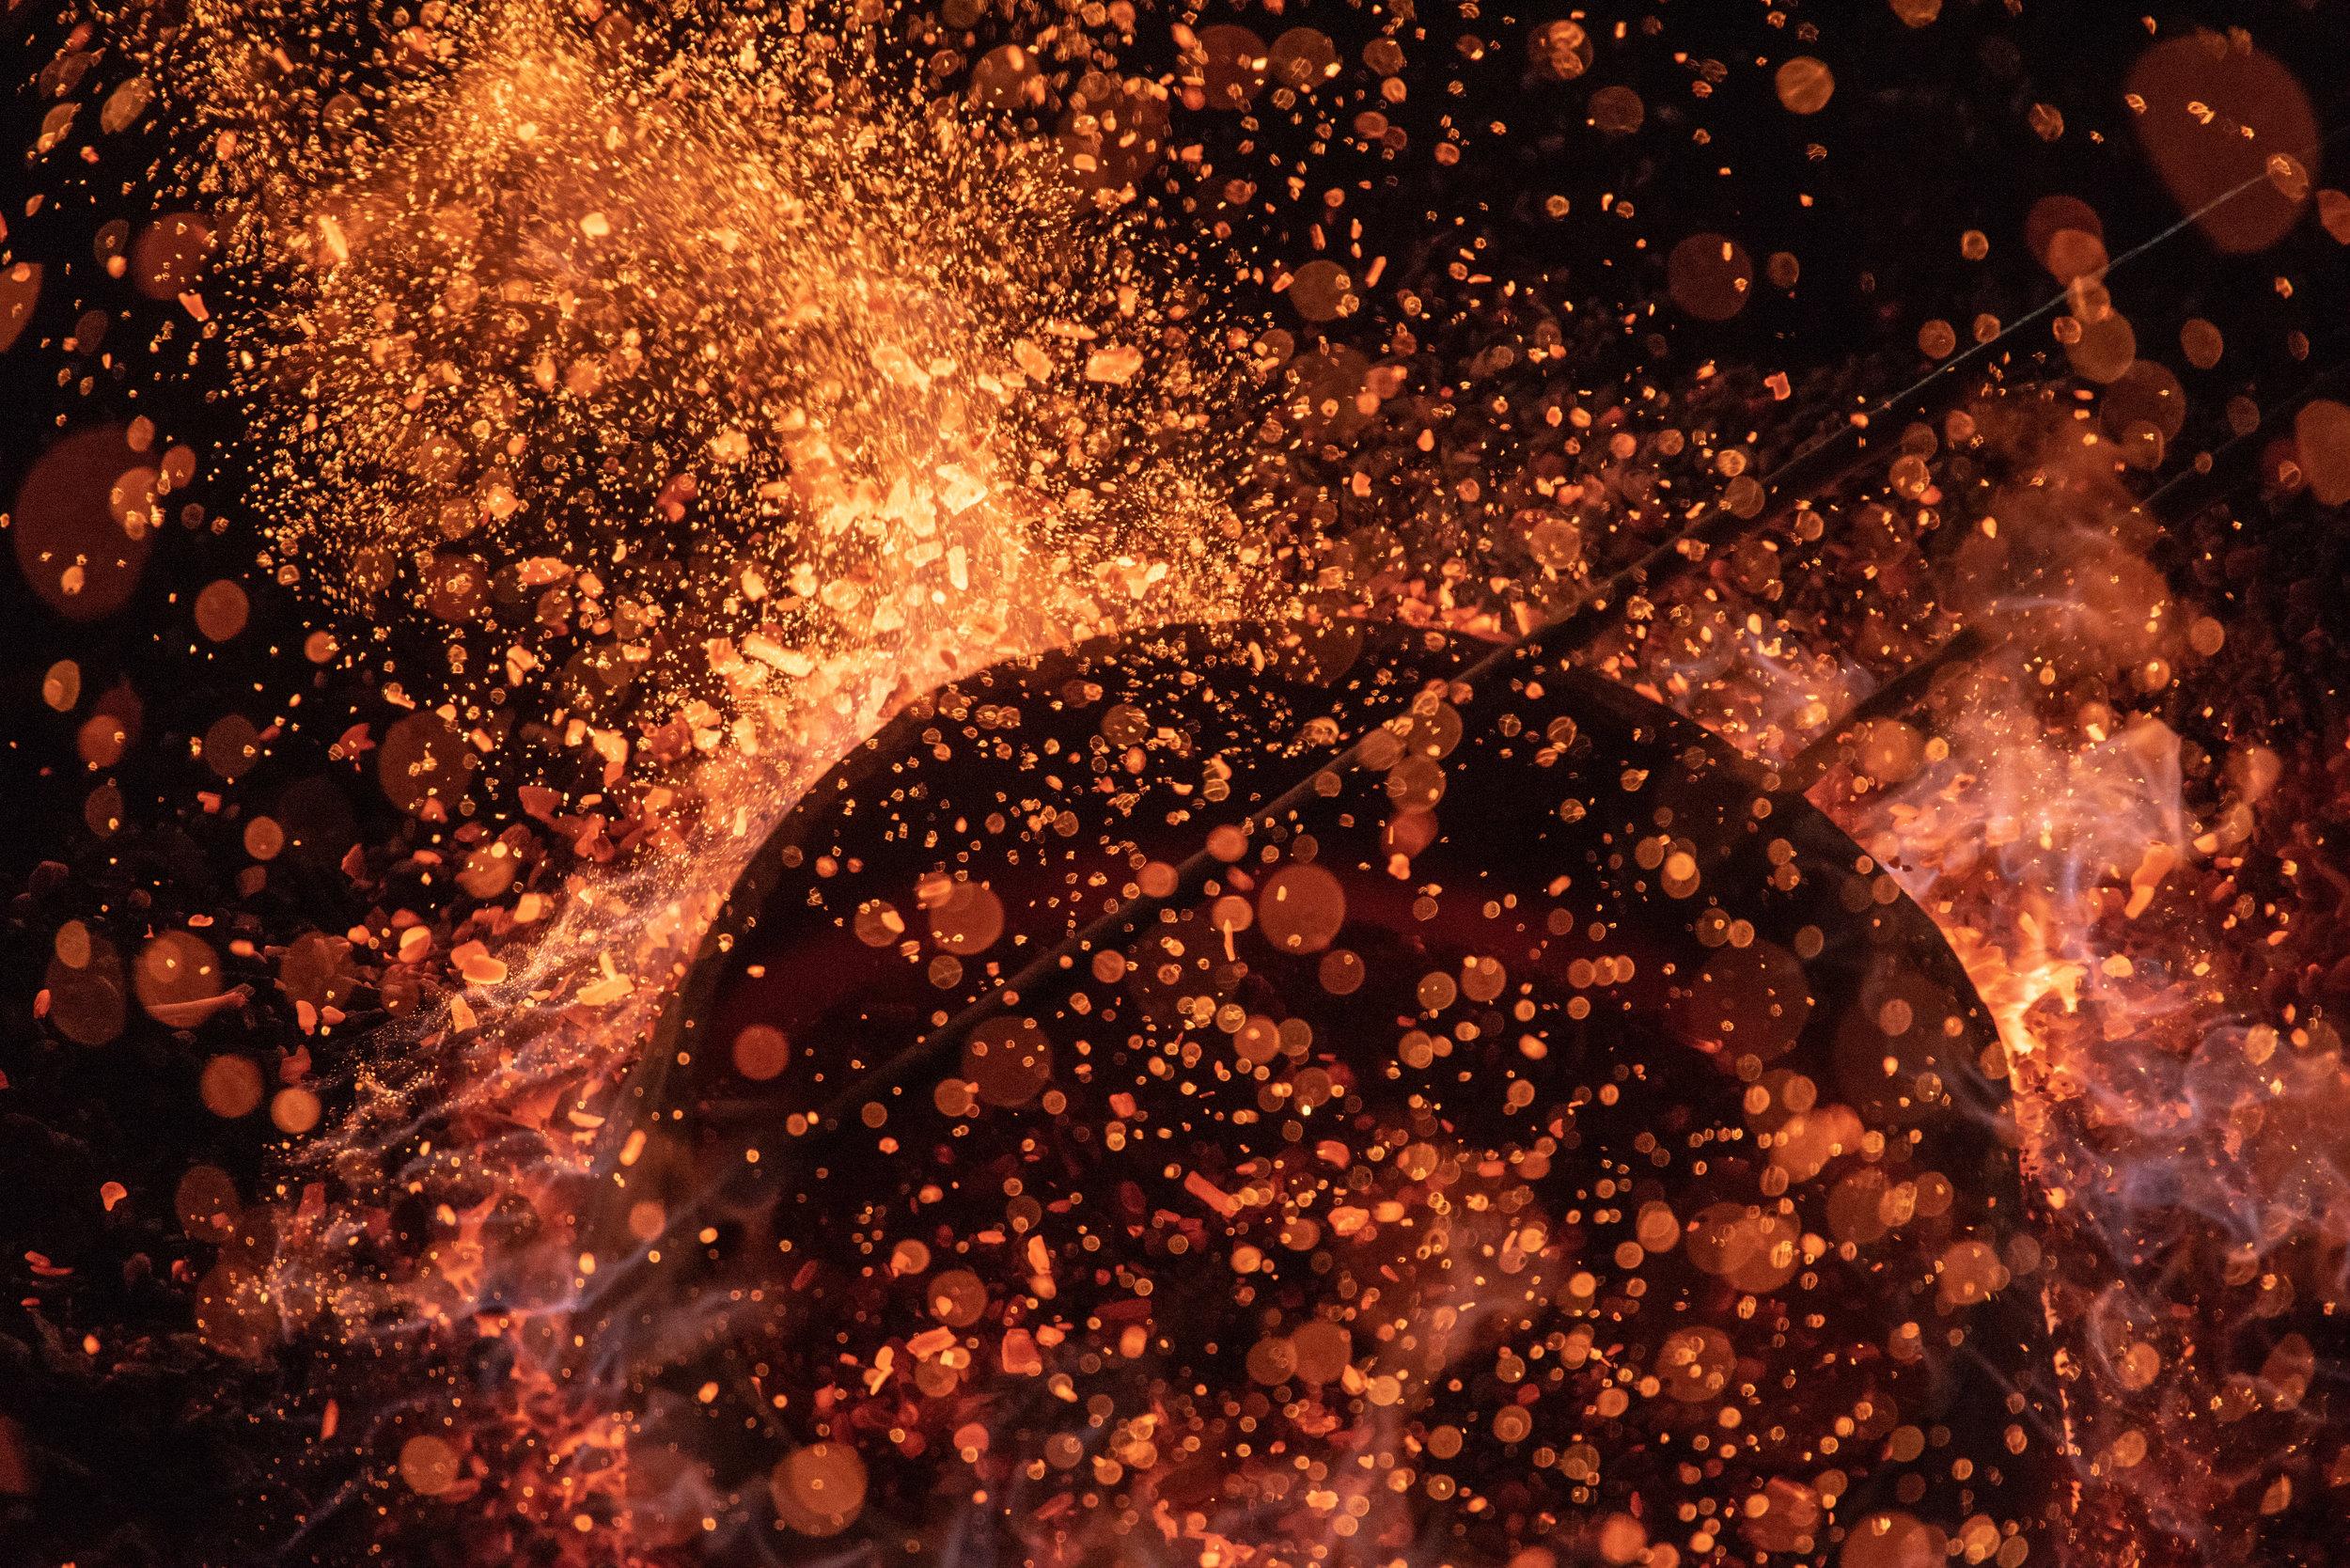 Gong in fire